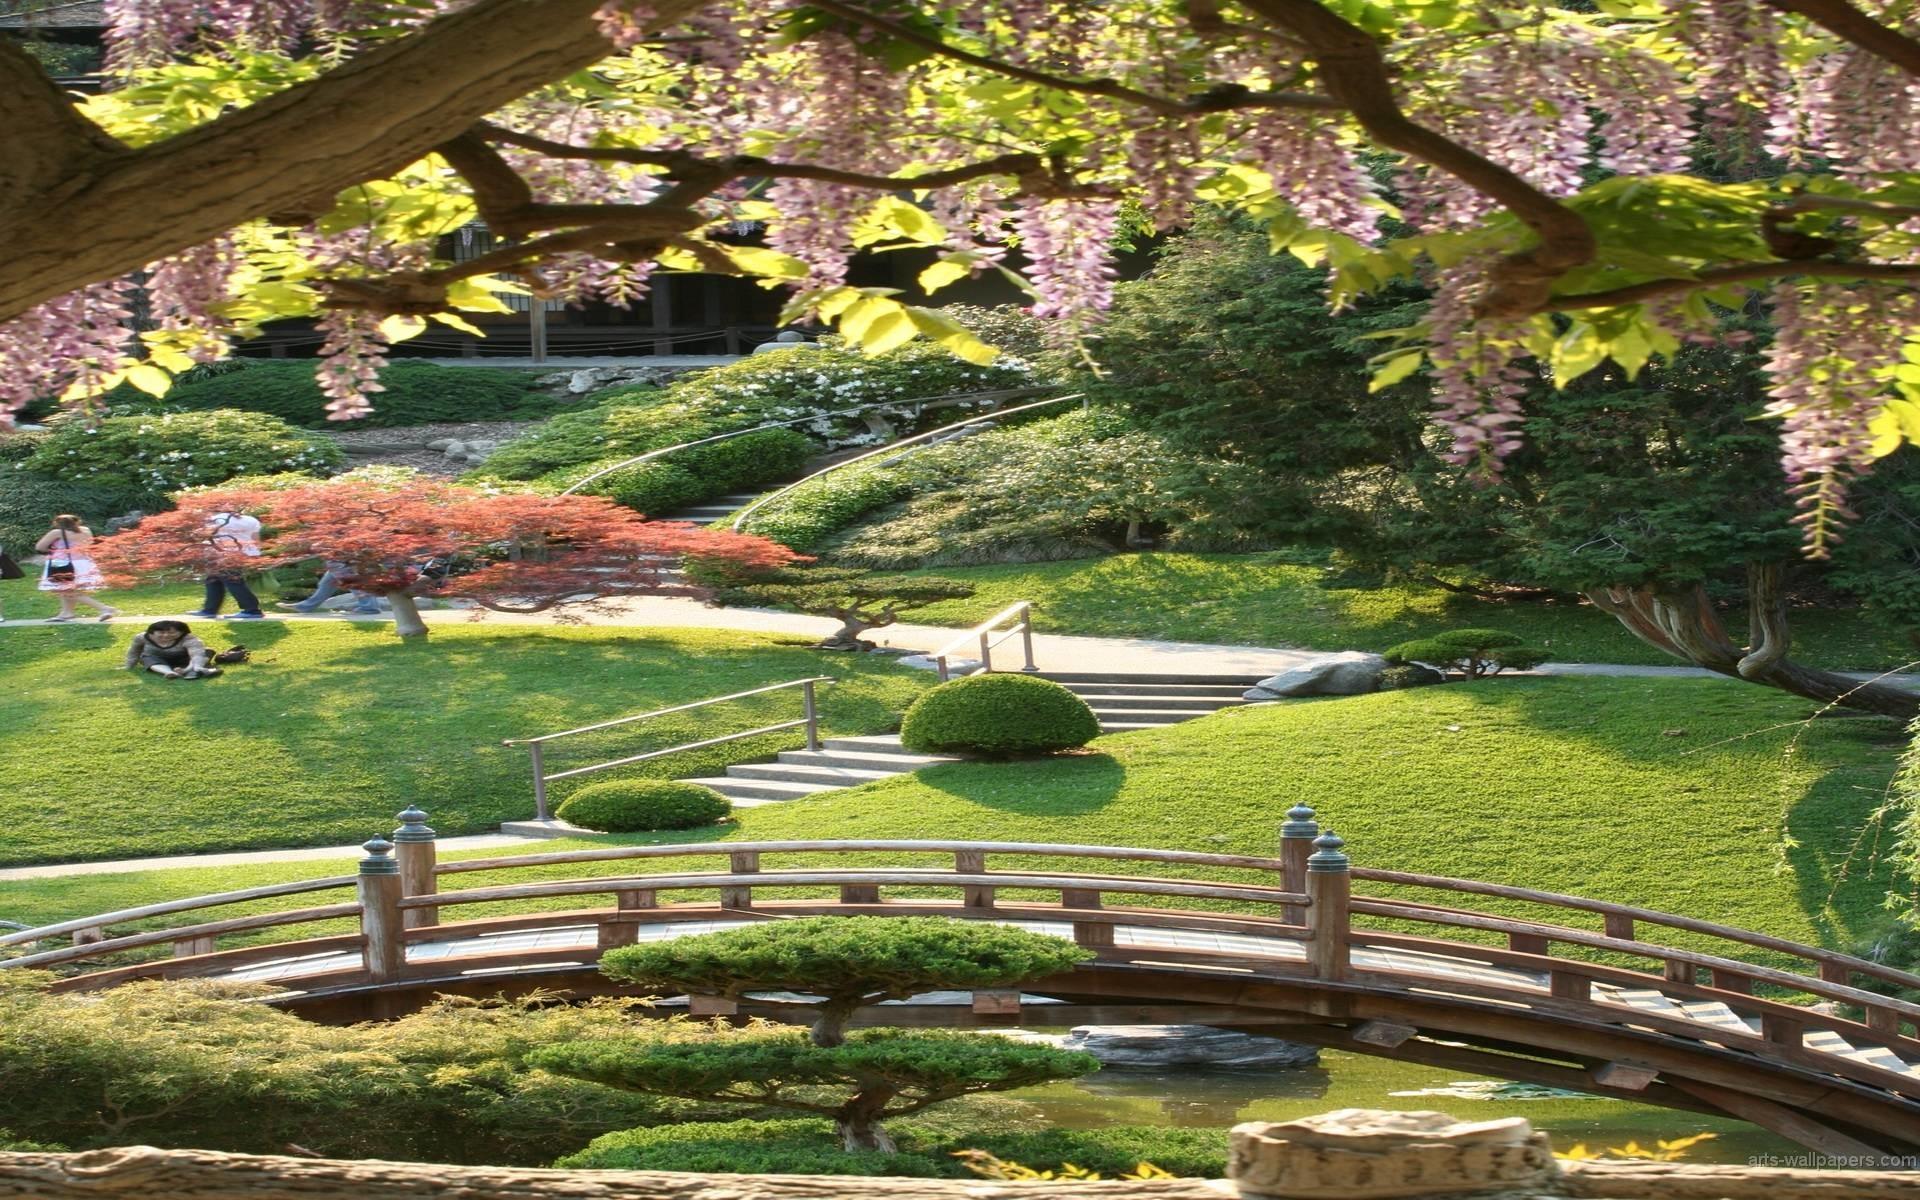 Japanese Garden Wallpaper Inspiration Ideas 1413548 Inspiration .